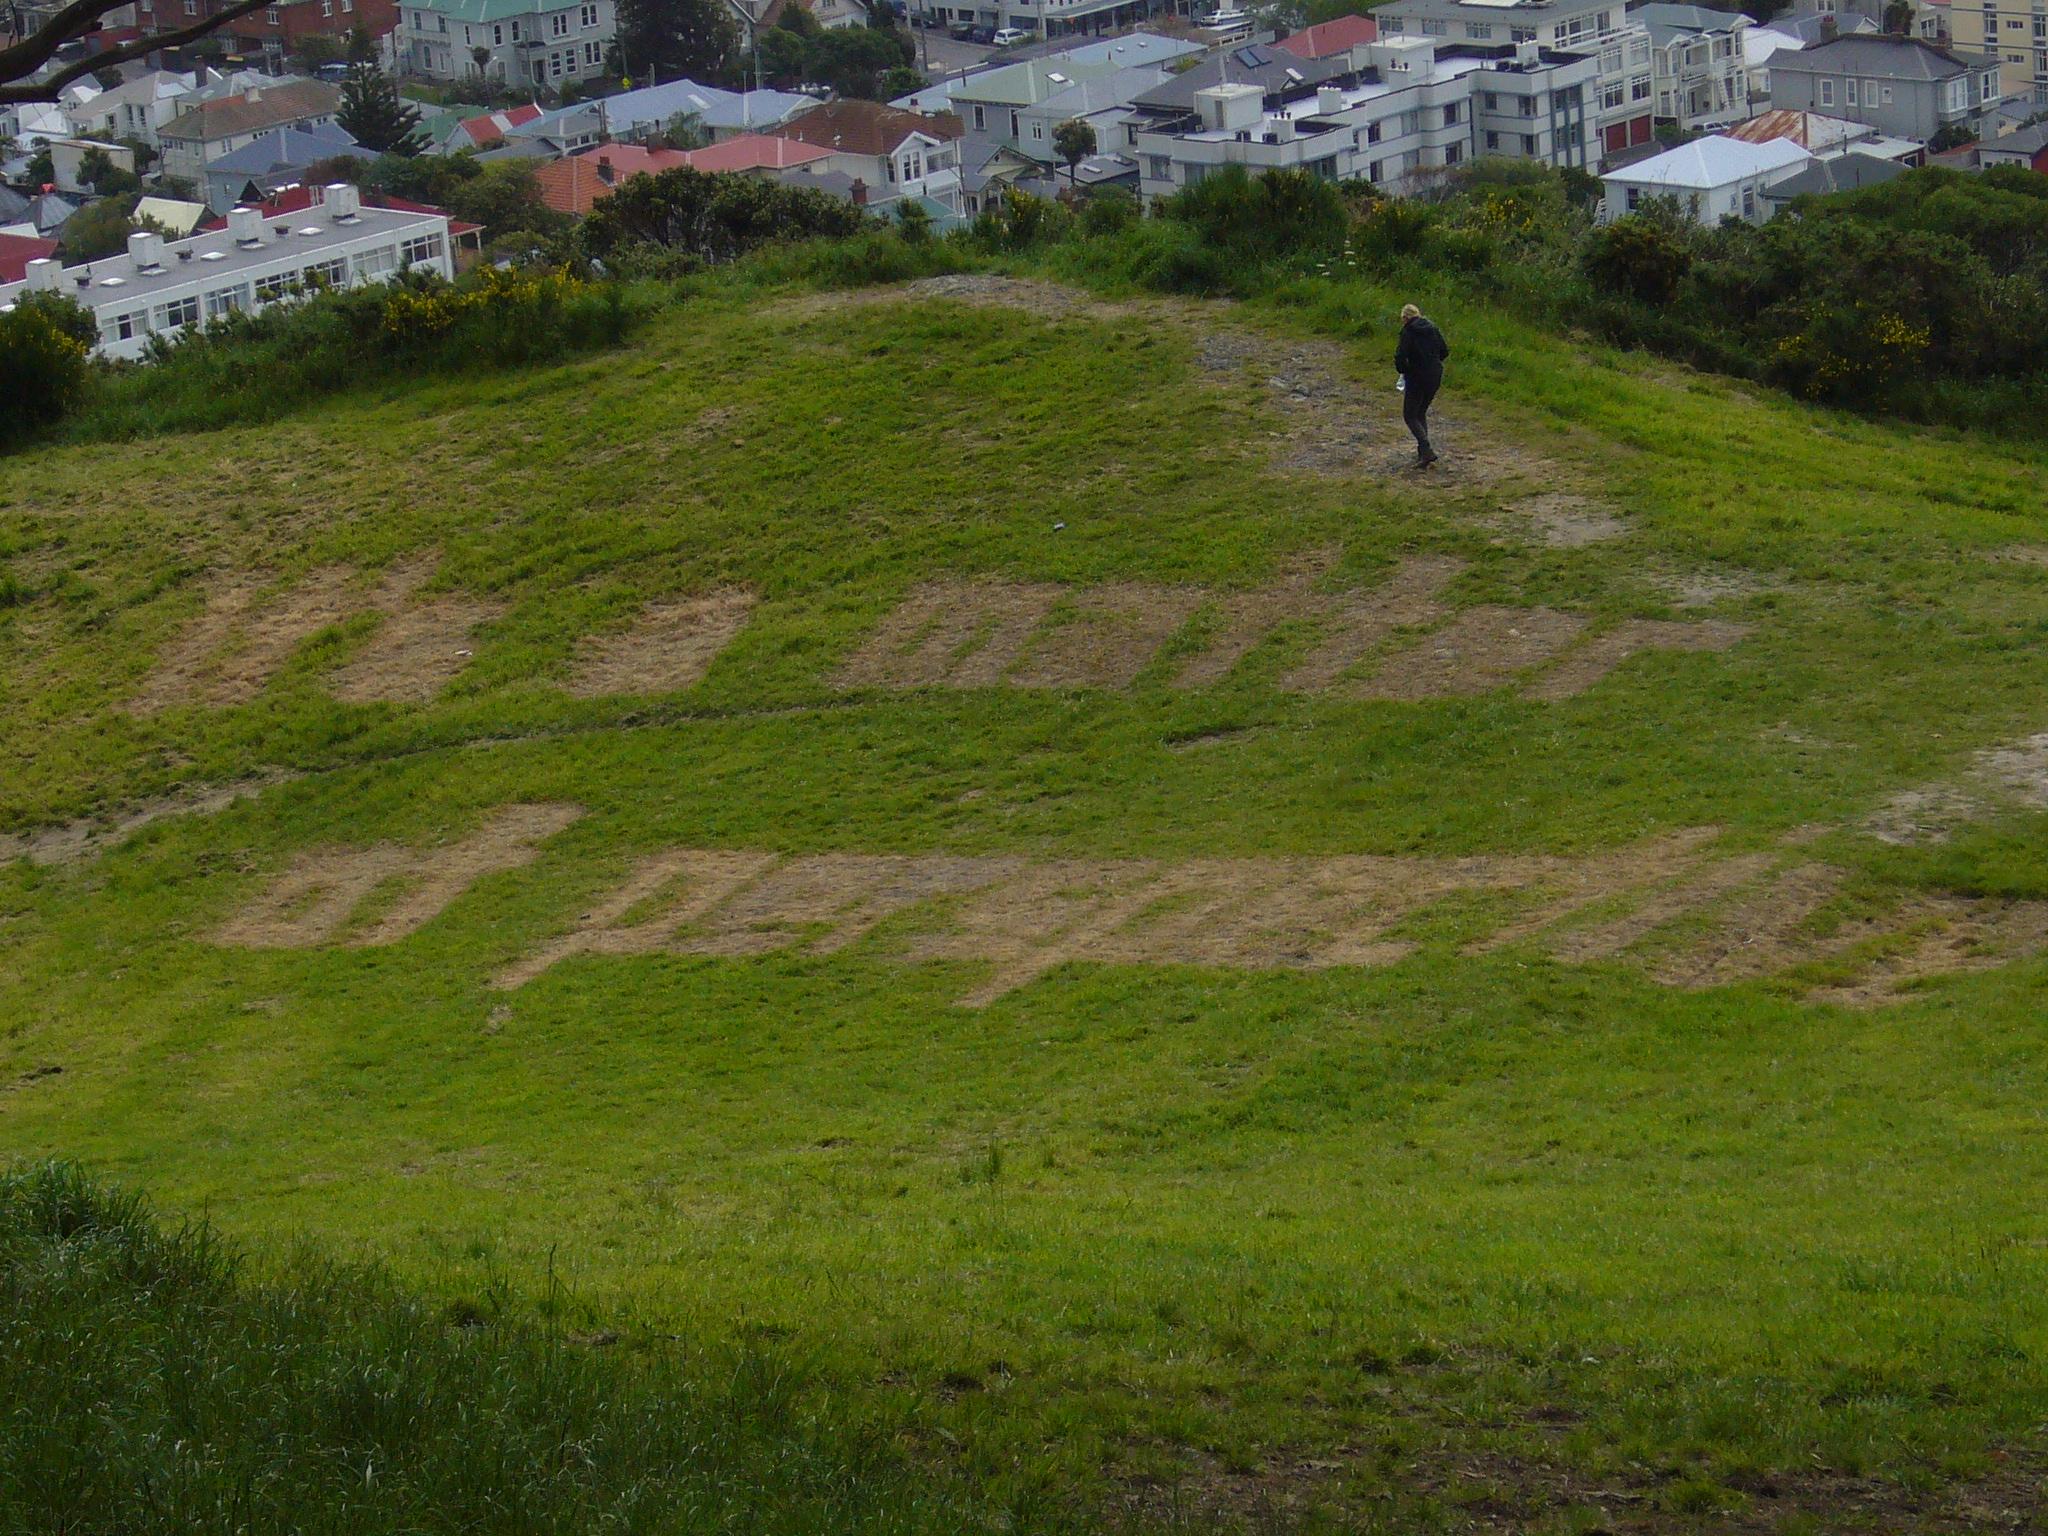 Woche 1: Nachhaltiger leben – macht das Sinn?